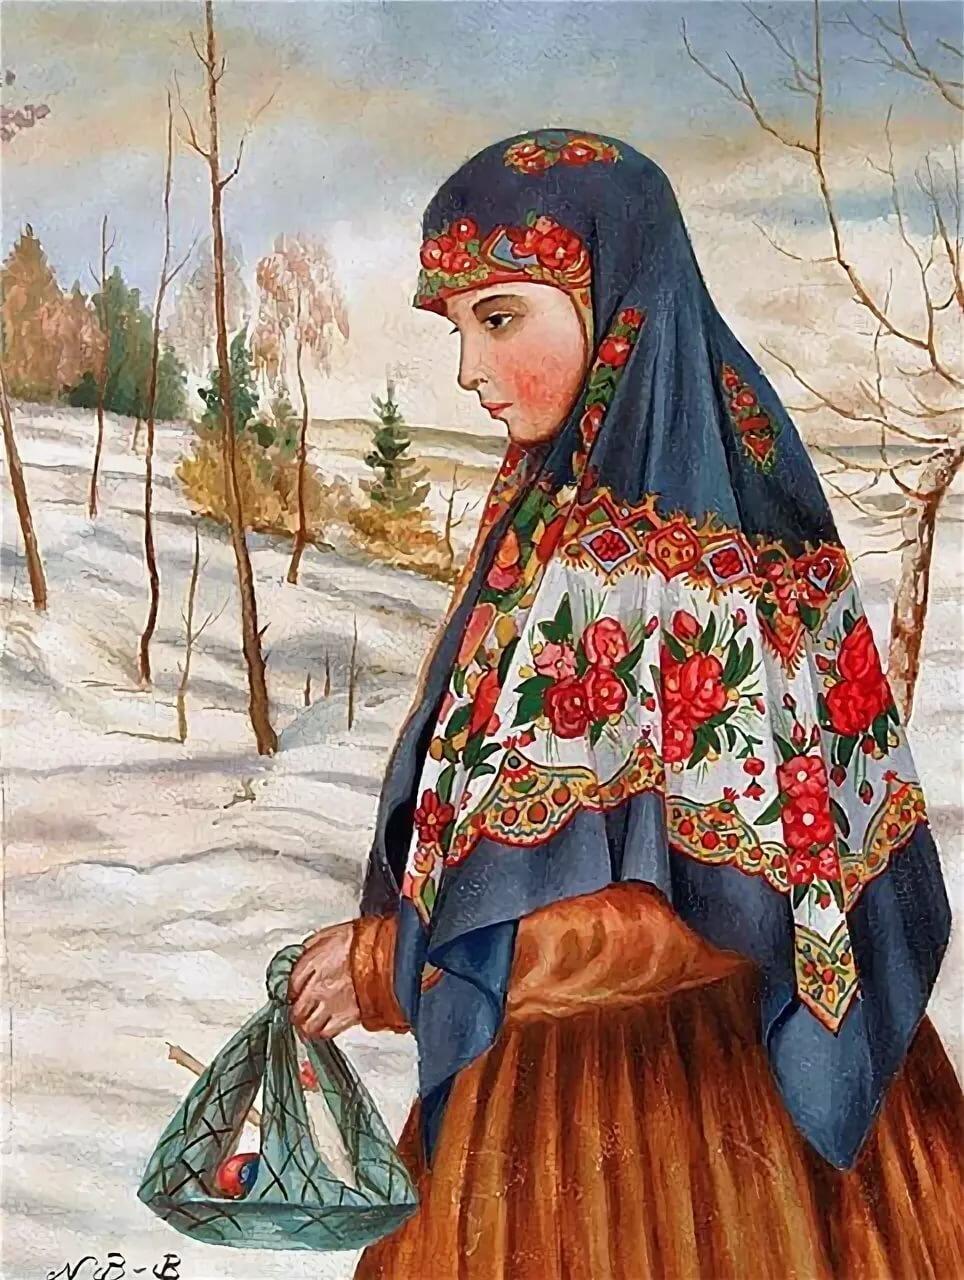 характеризуется селянка картинки открыток норильский